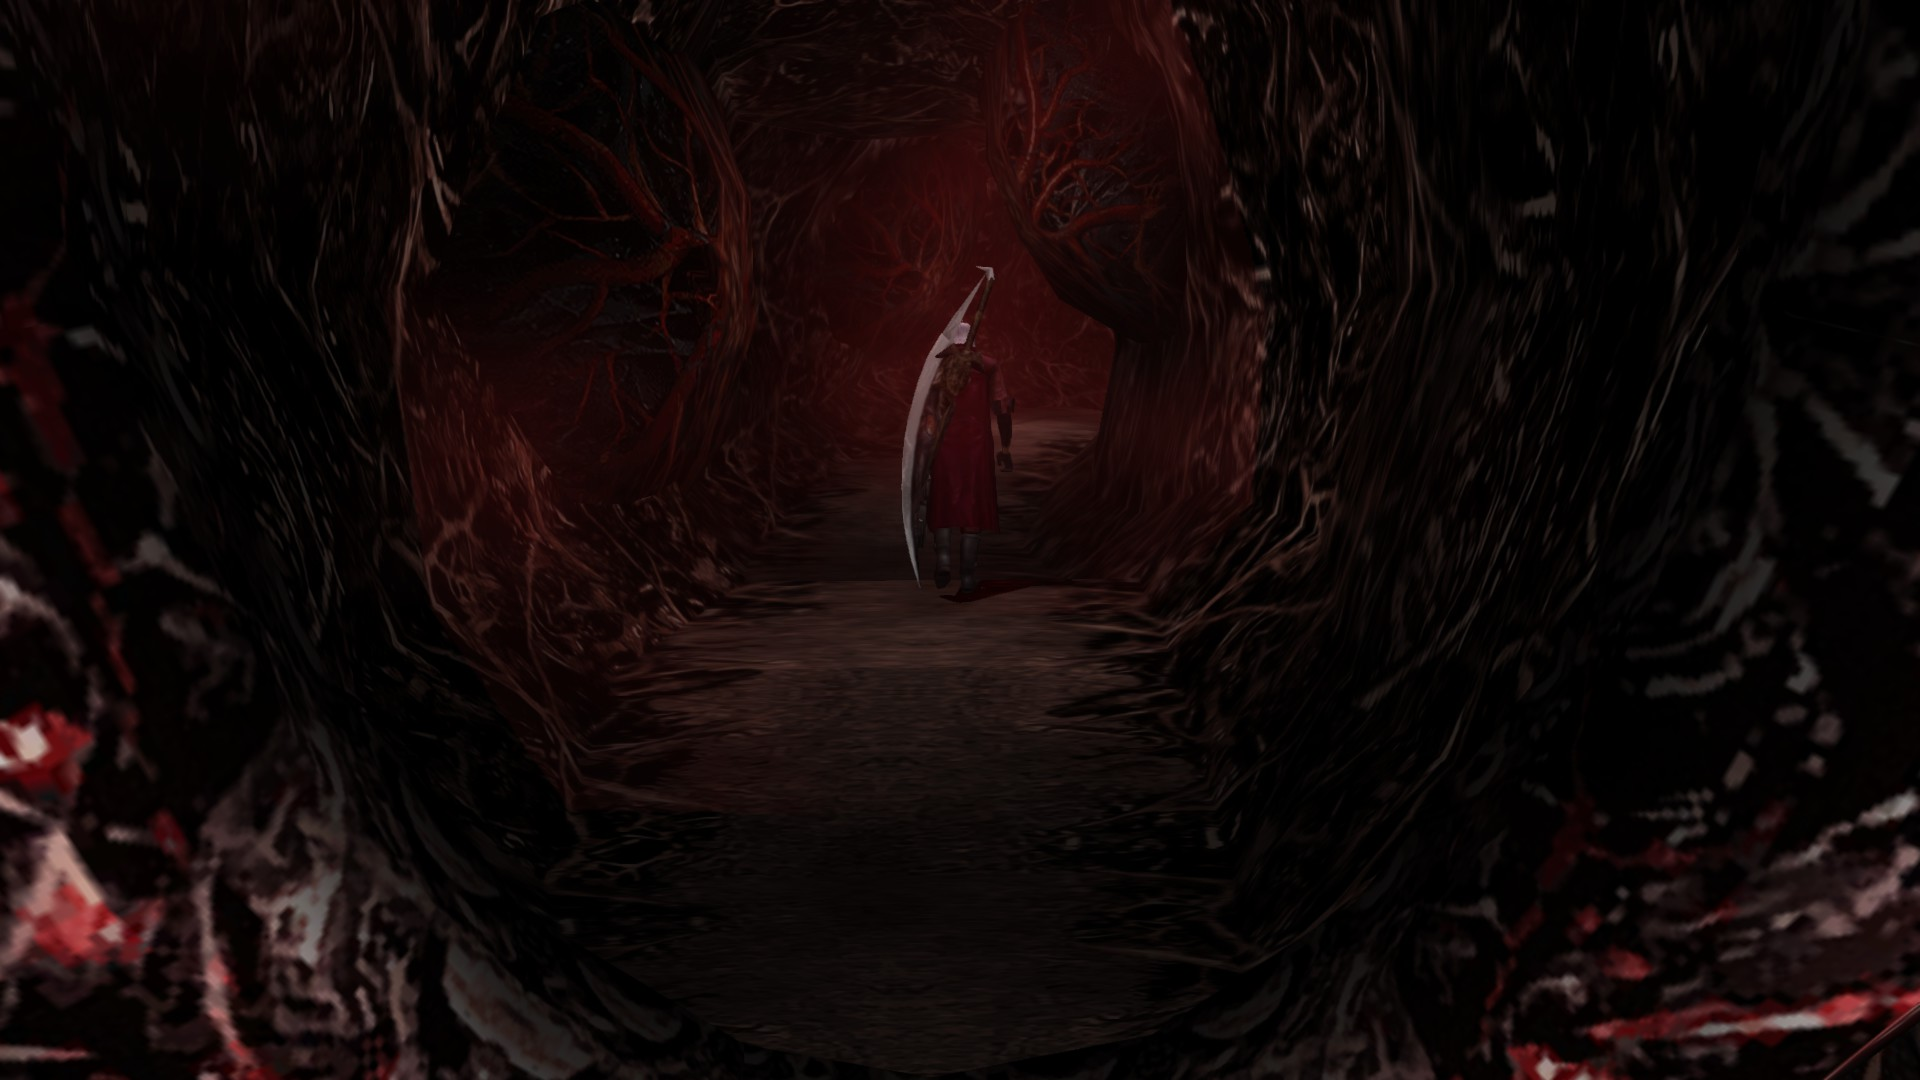 Пост-прохождение Devil May Cry Часть 7. - Изображение 39